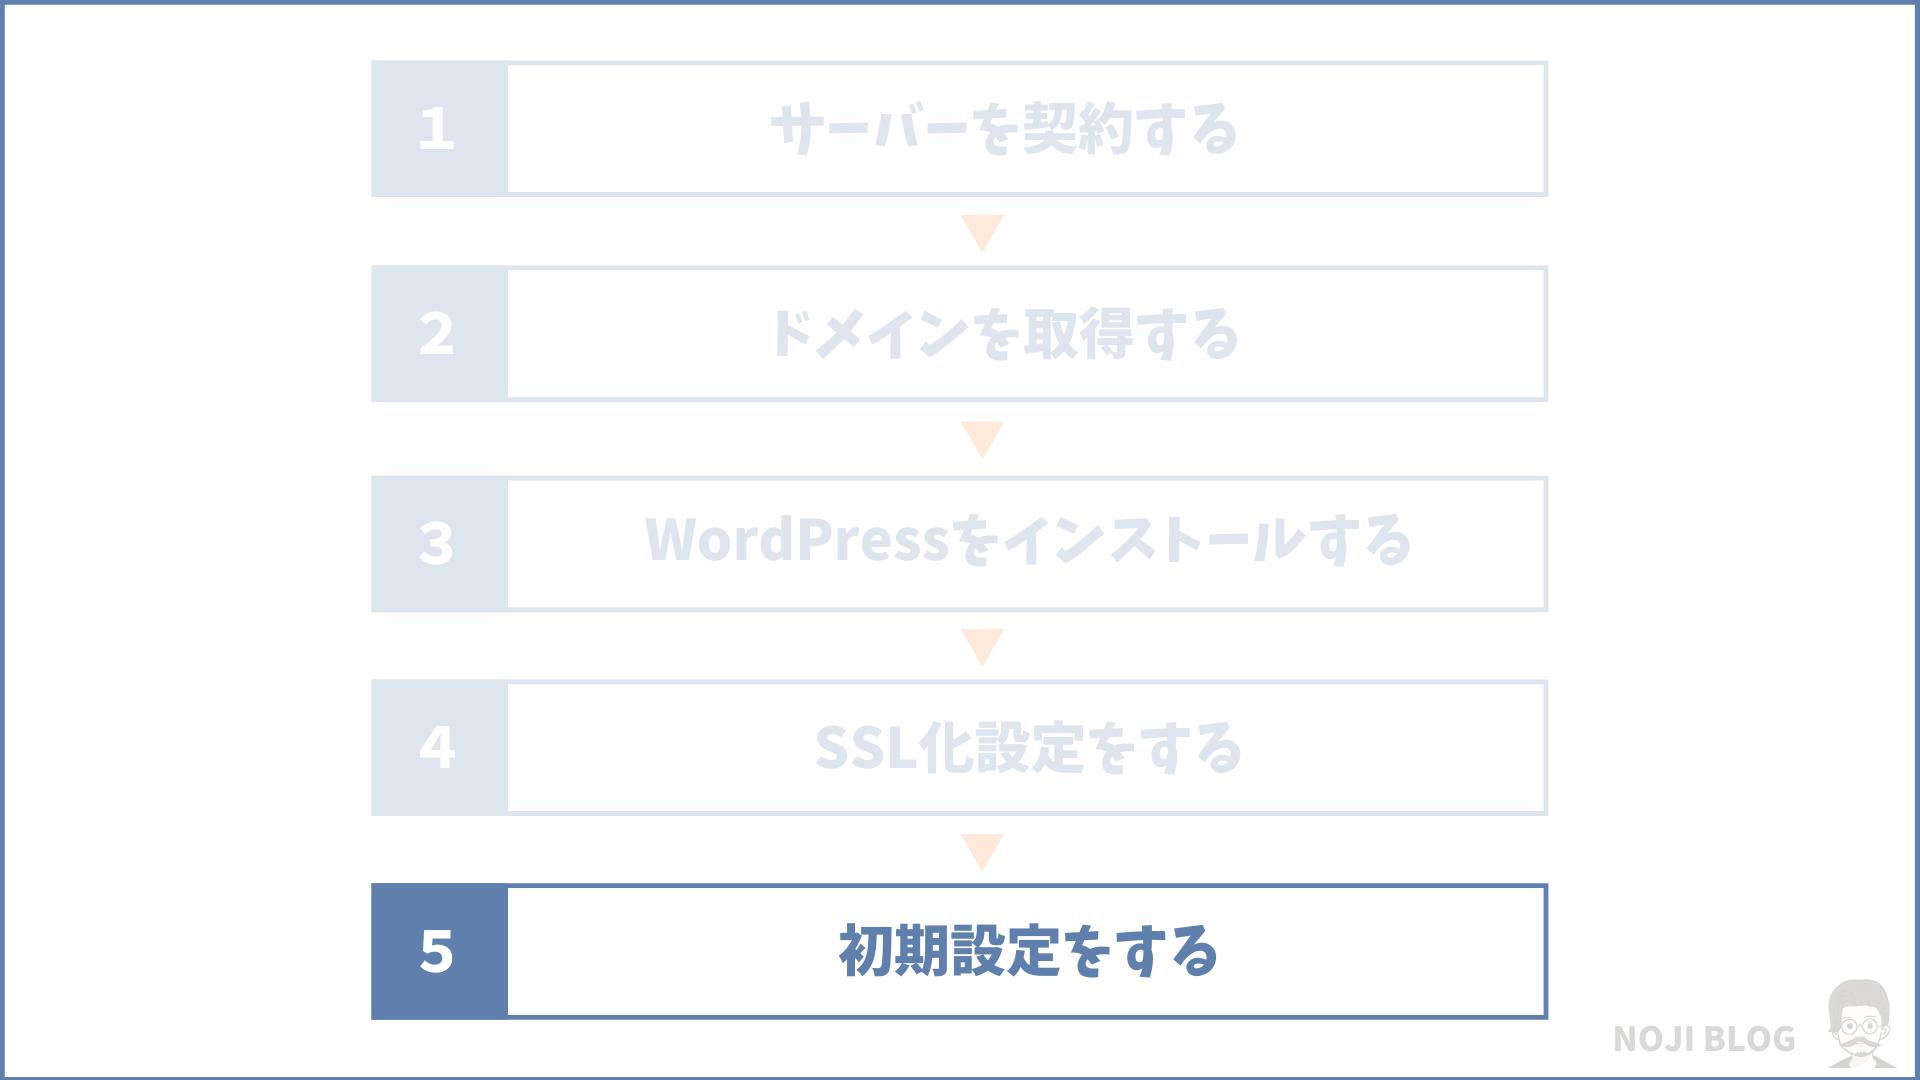 ブログの始め方⑤:WordPressの初期設定をする